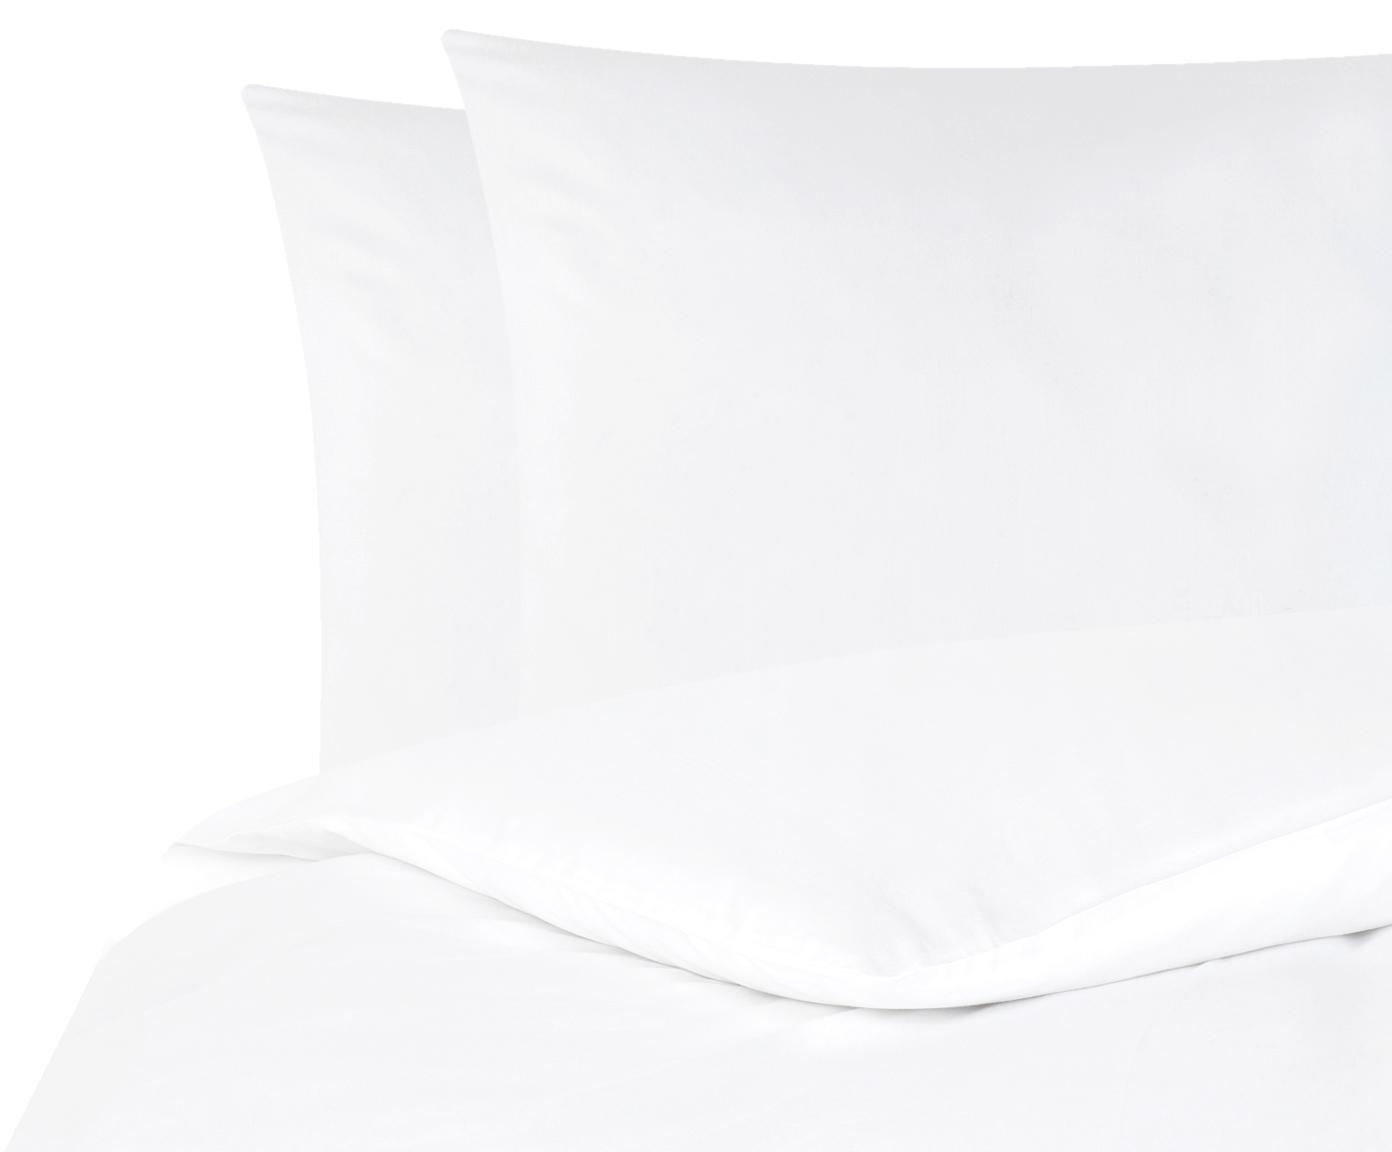 Pościel z satyny bawełnianej Comfort, Biały, 200 x 200 cm